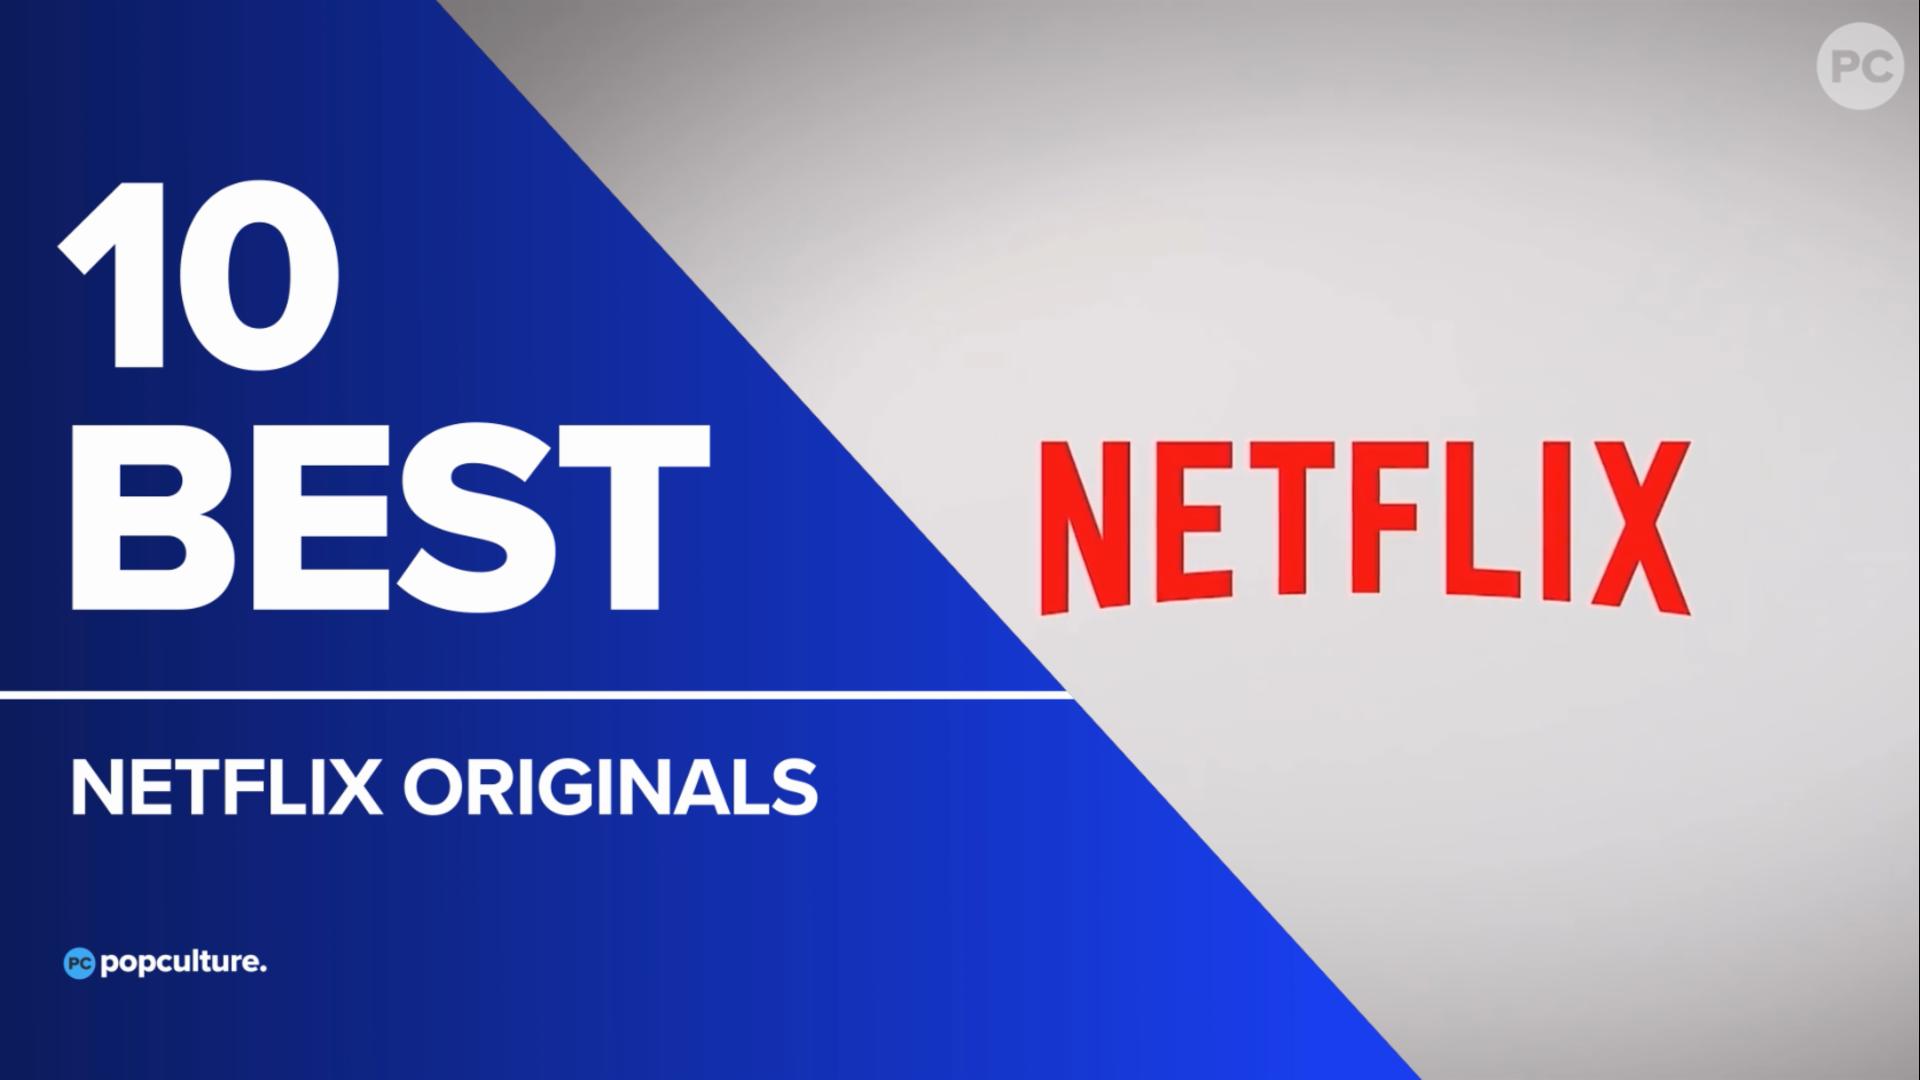 10 Best Netflix Original Shows screen capture